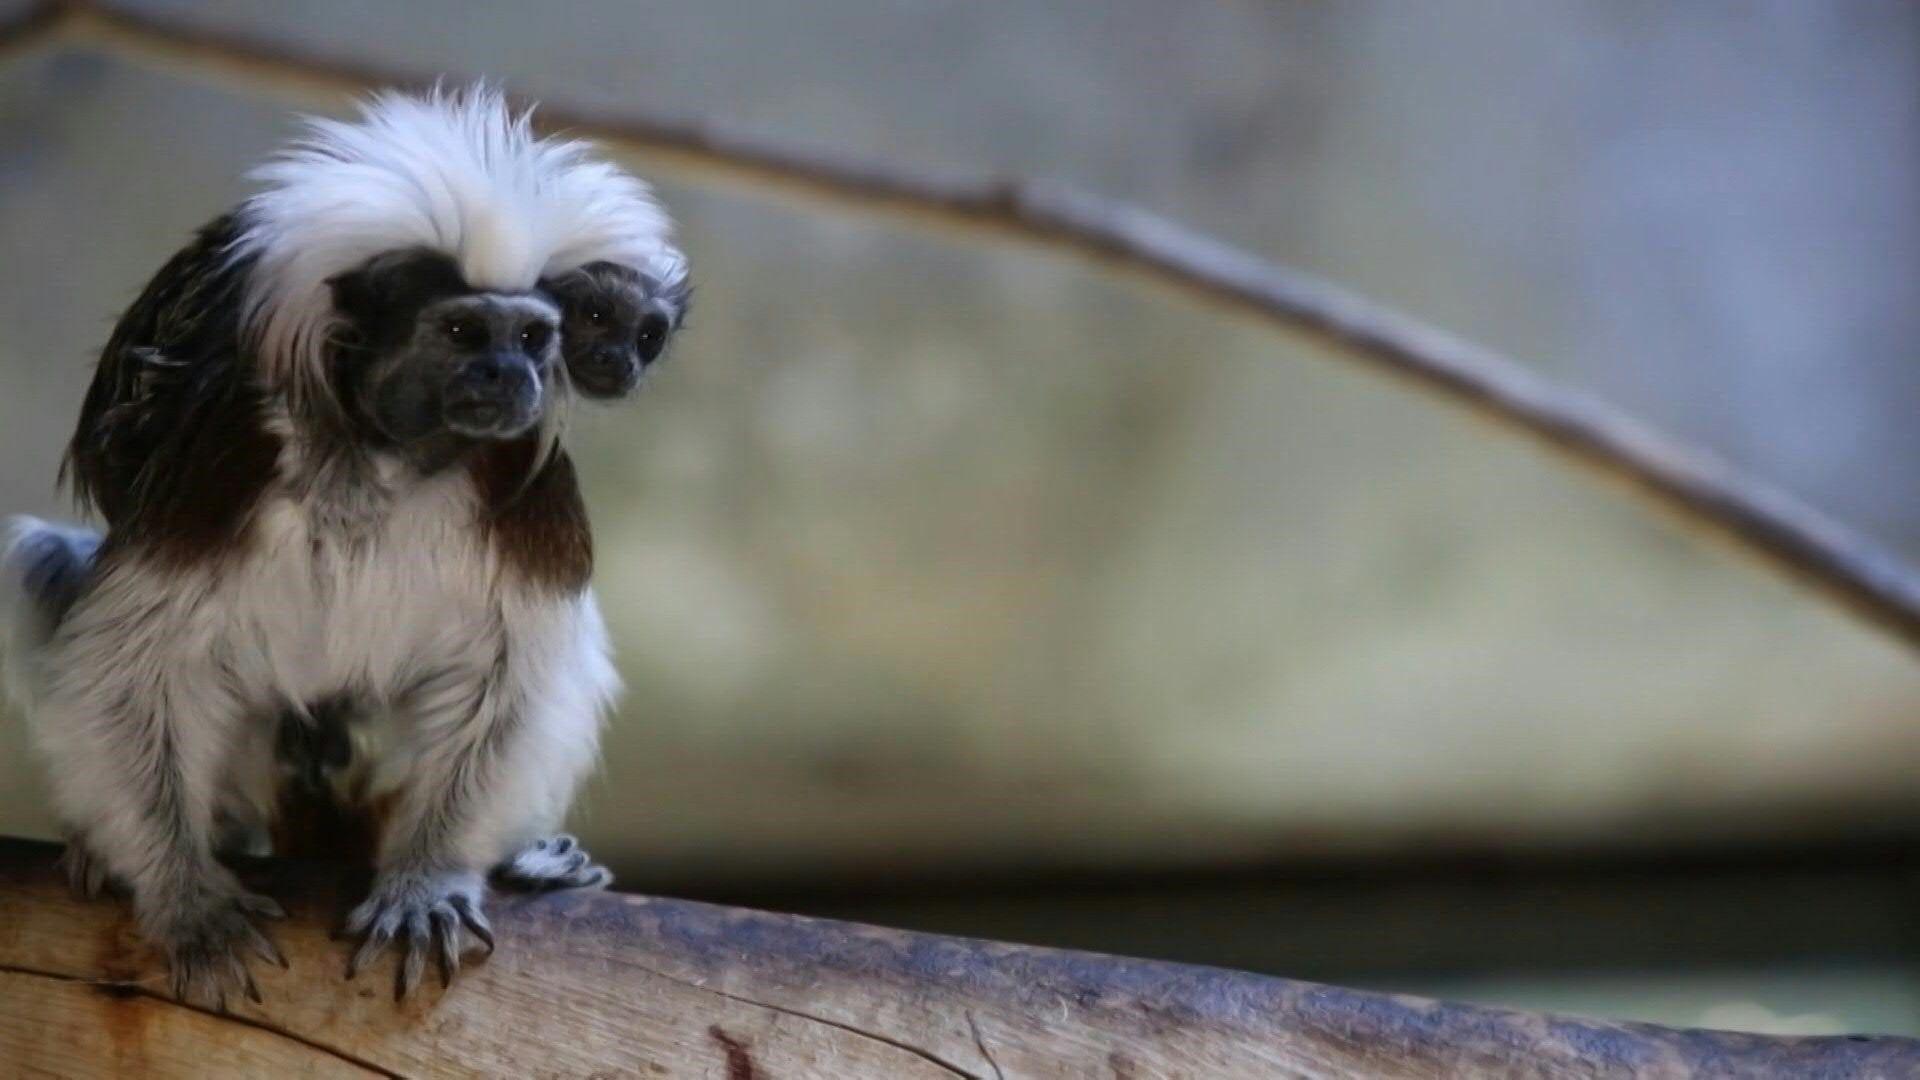 nachwuchs_zoo_mexiko_lisztaffen